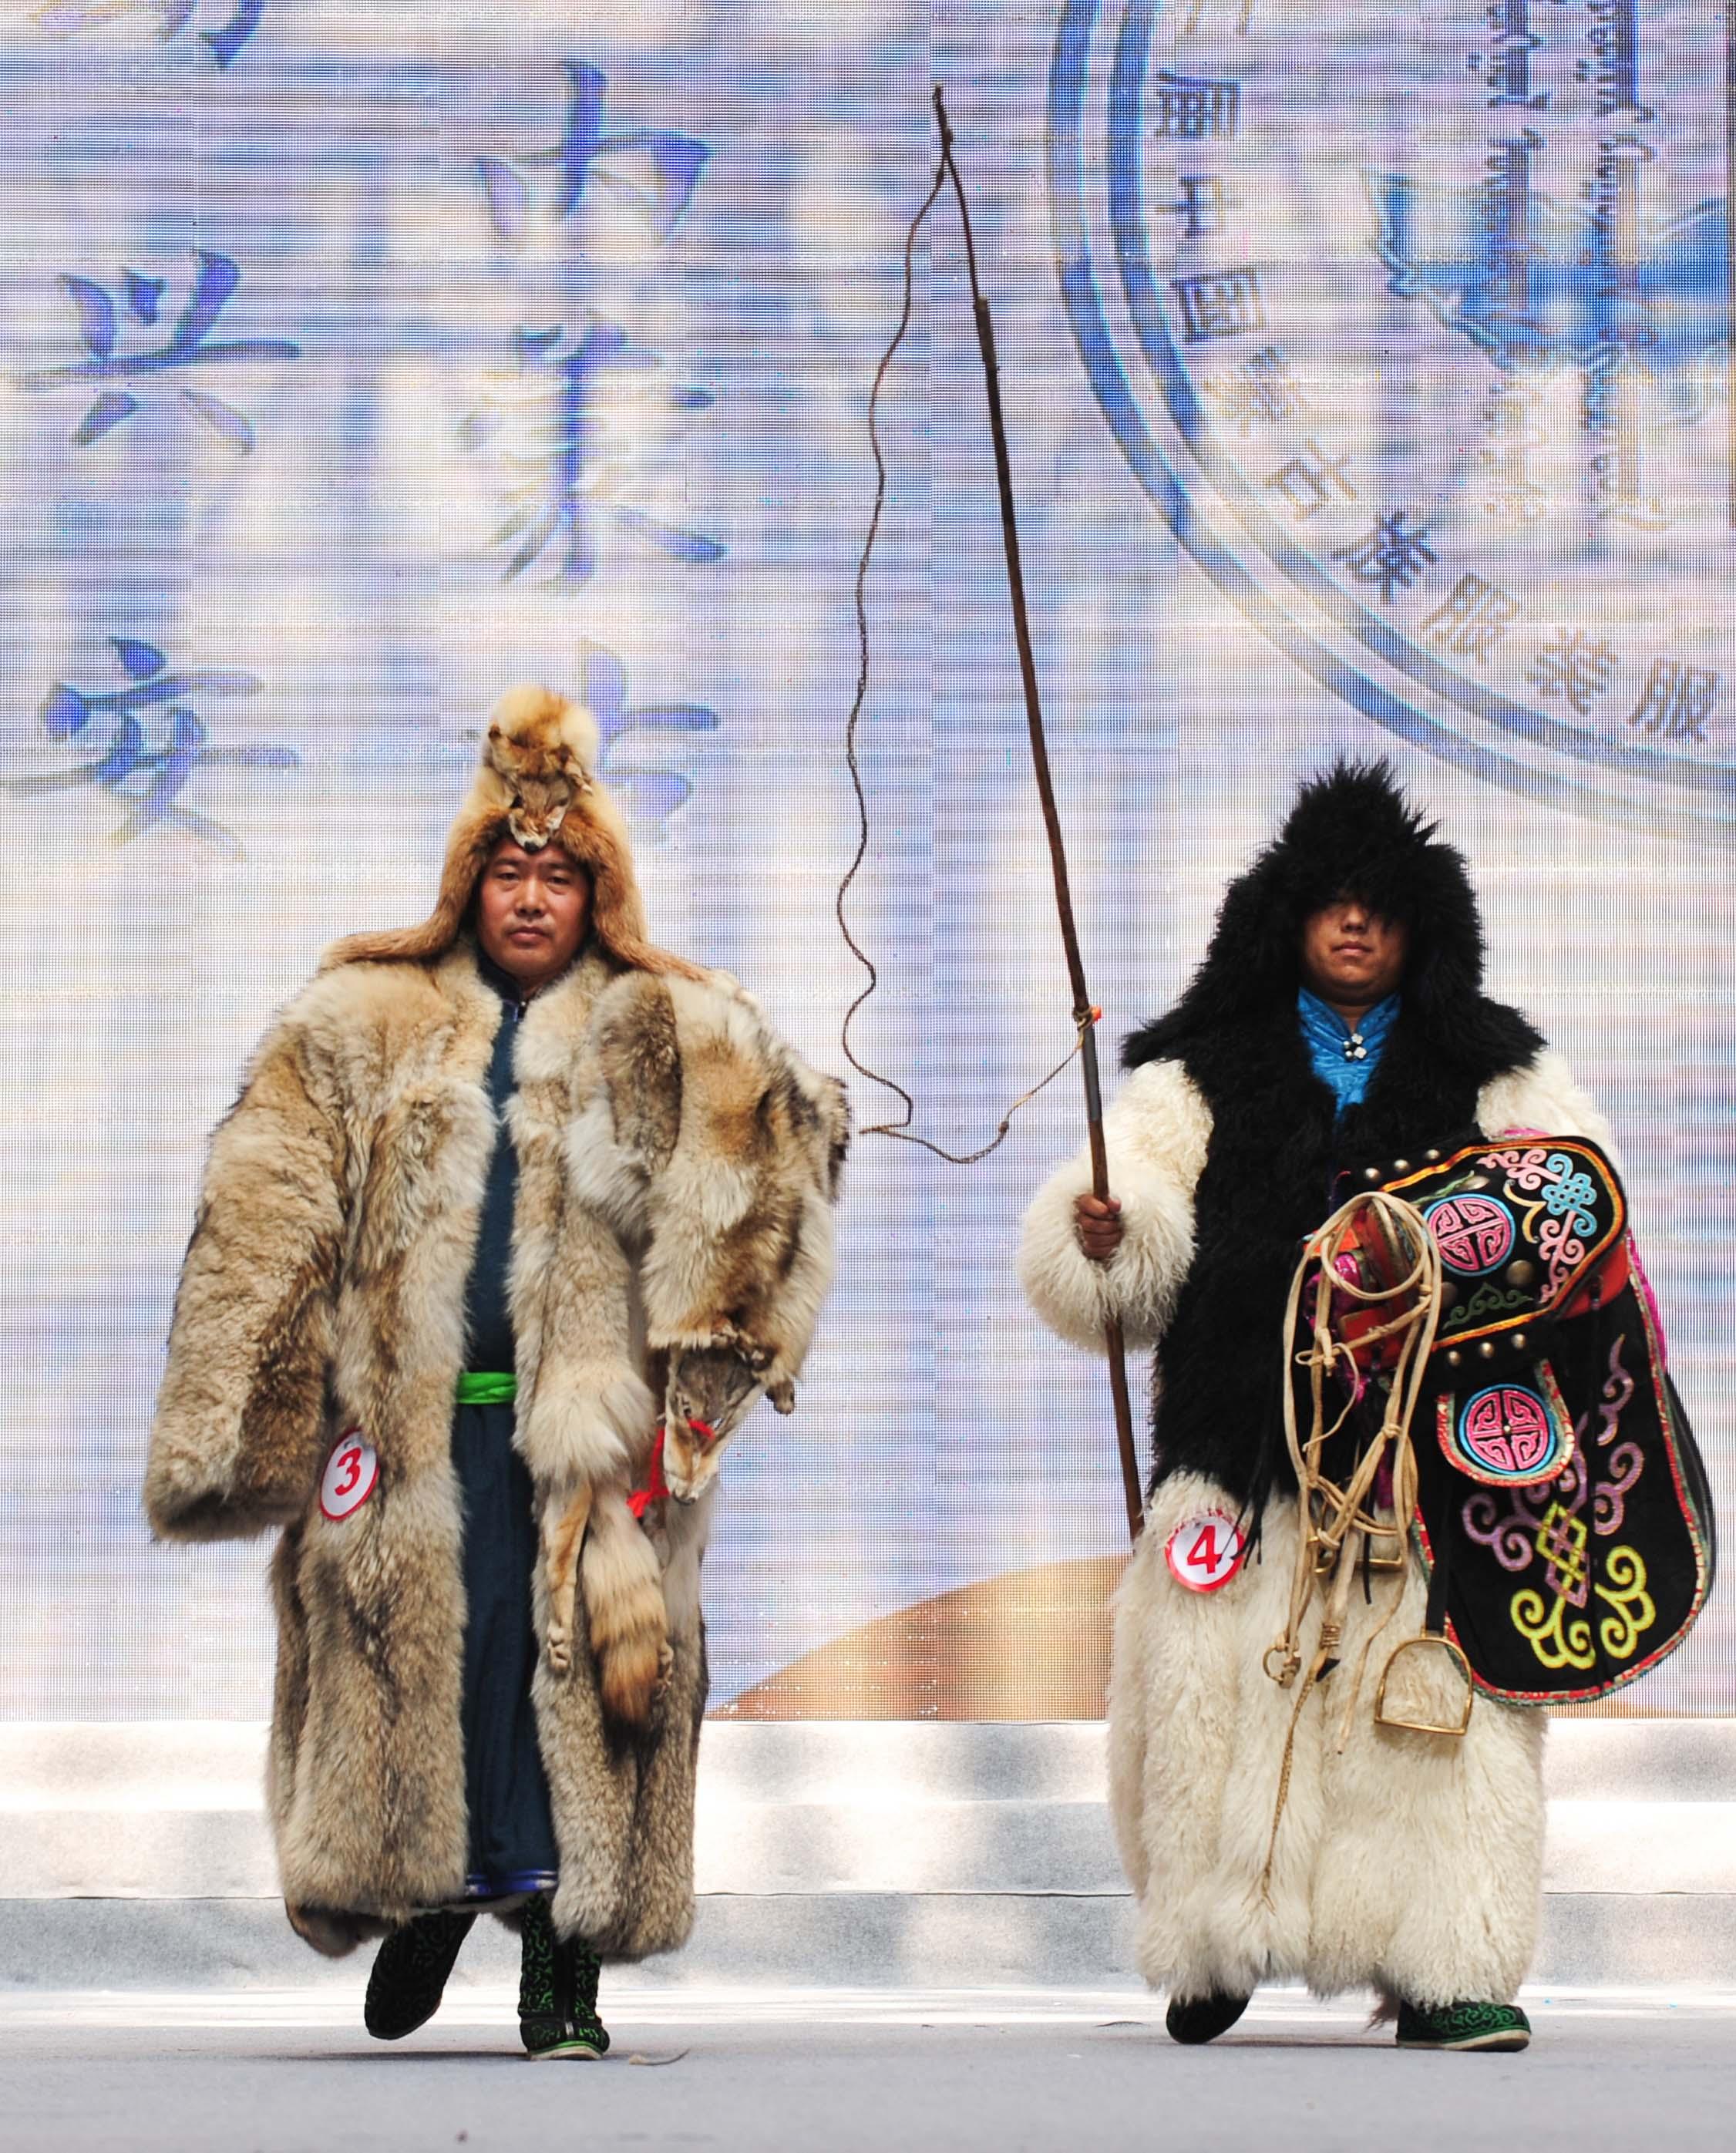 新华社照片,兴安(内蒙古),2015年9月10日 最炫民族风 9月10日,模特们在展示传统蒙古族服饰。 当日,第十二届中国蒙古族服装服饰艺术节在内蒙古乌兰浩特市进行民族服装展演比赛,1000多名模特向观众们展示2000多套富有特色的民族服饰。 新华社记者连振摄